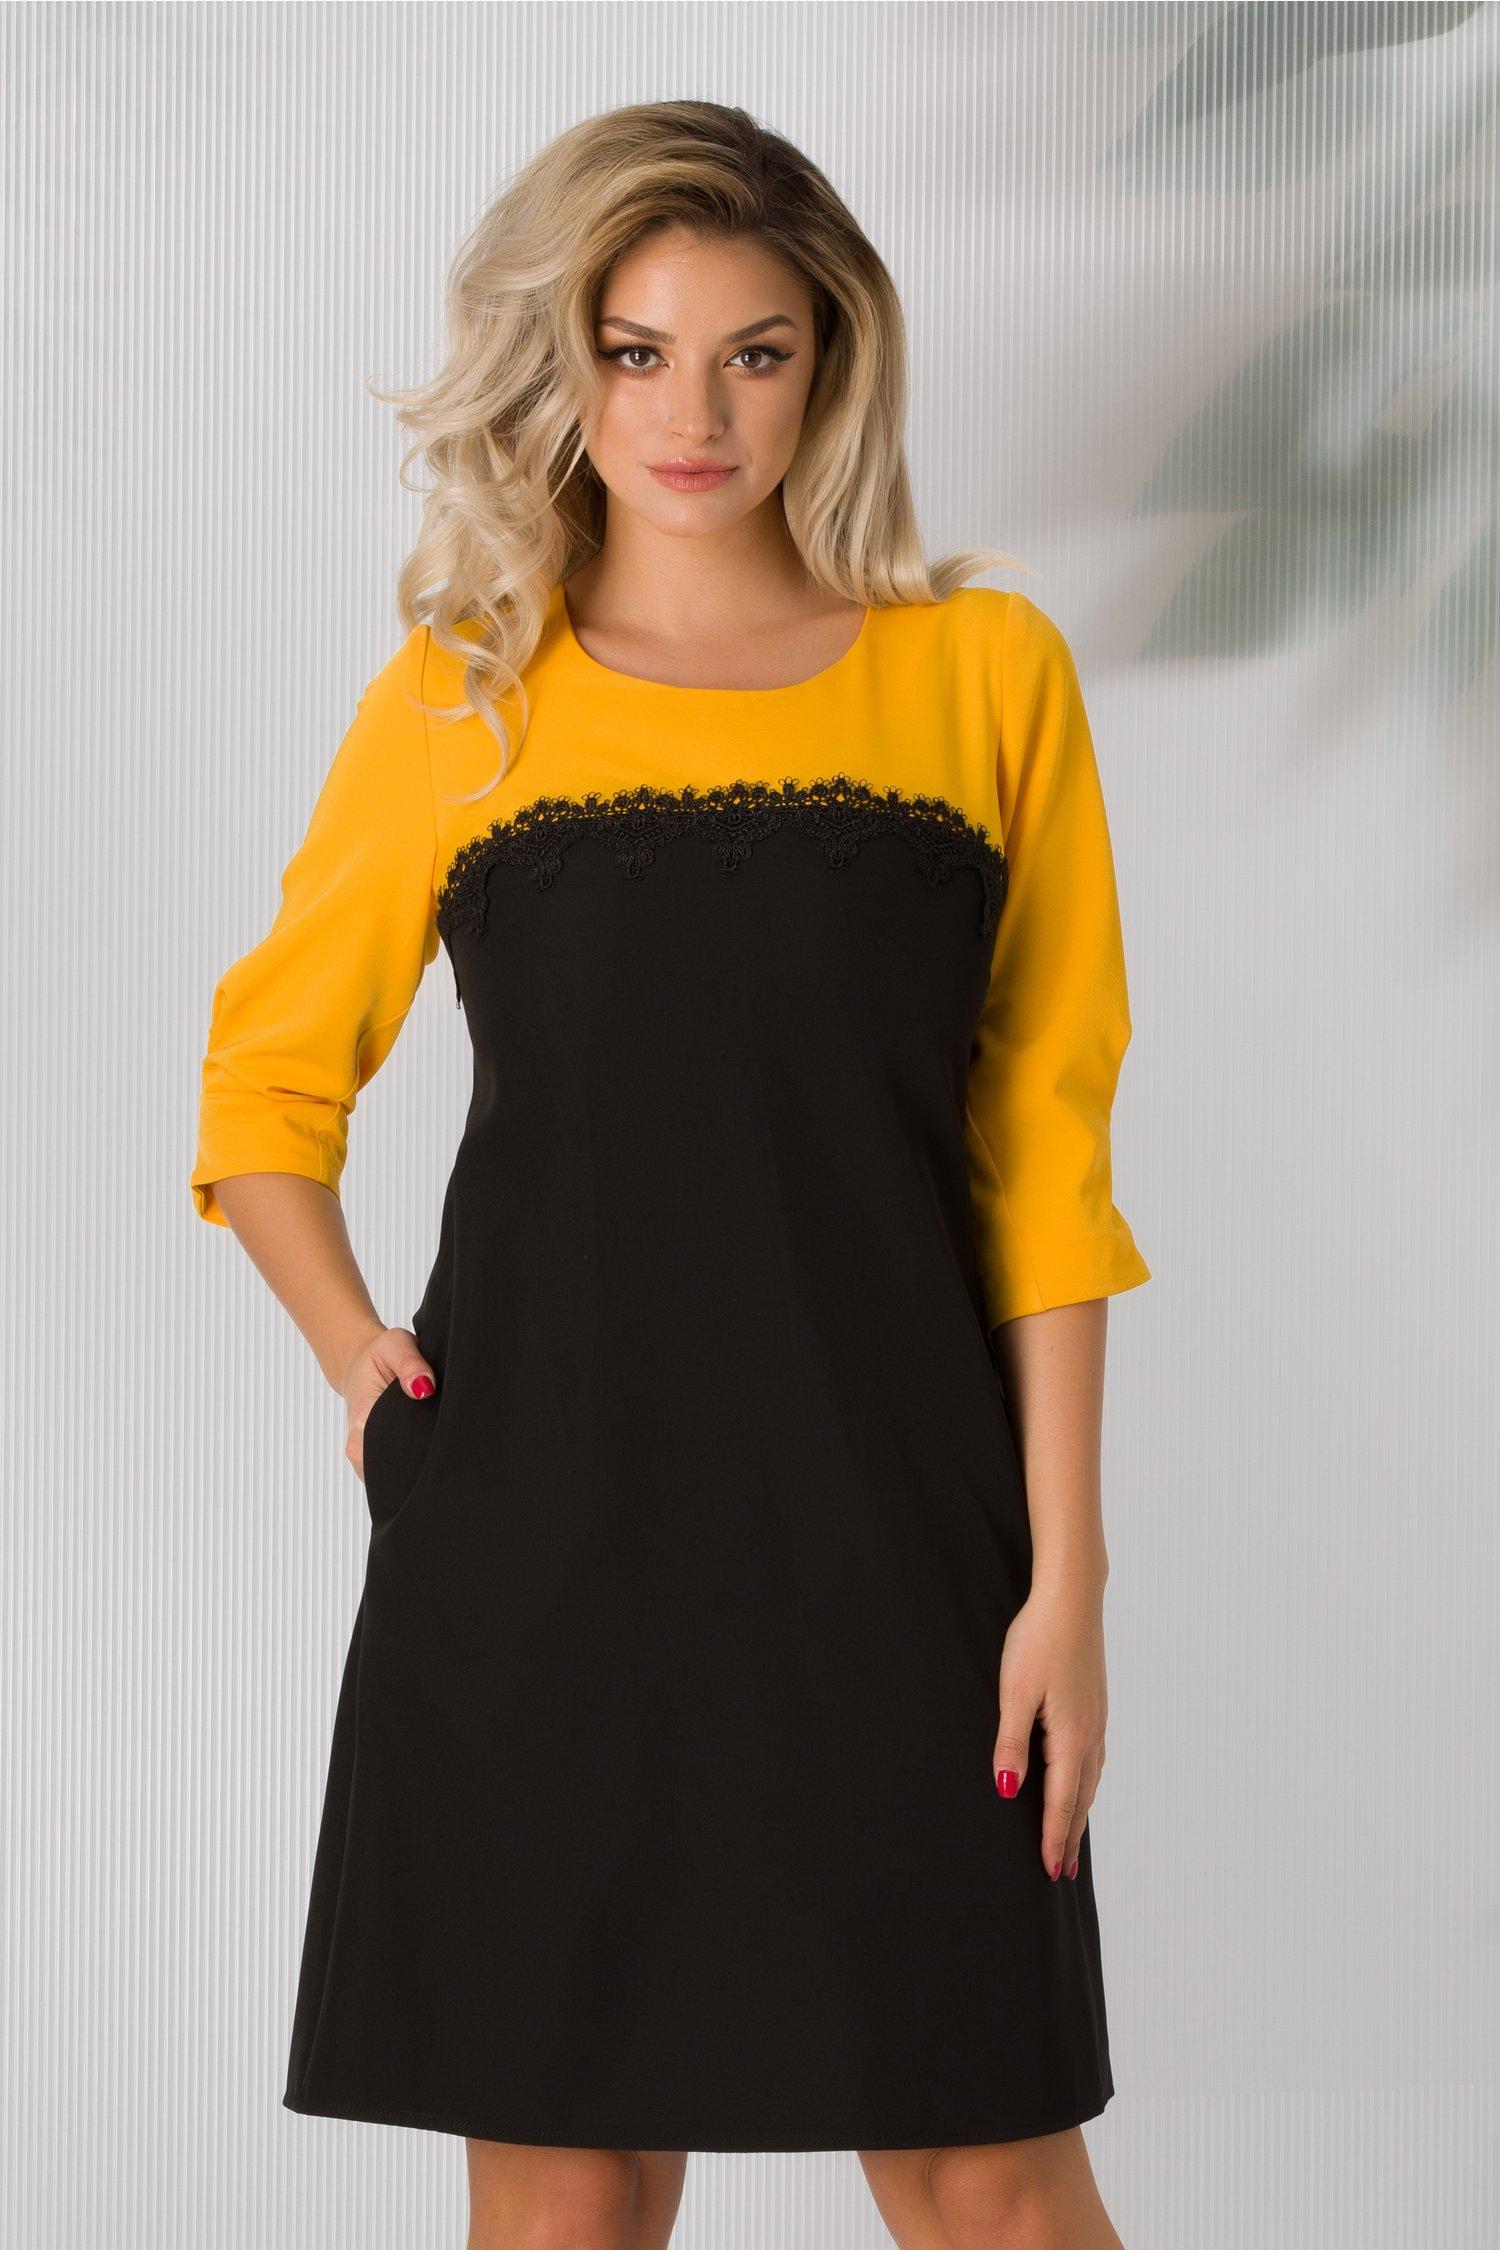 Rochie Sorina galben cu negru si dantela la bust